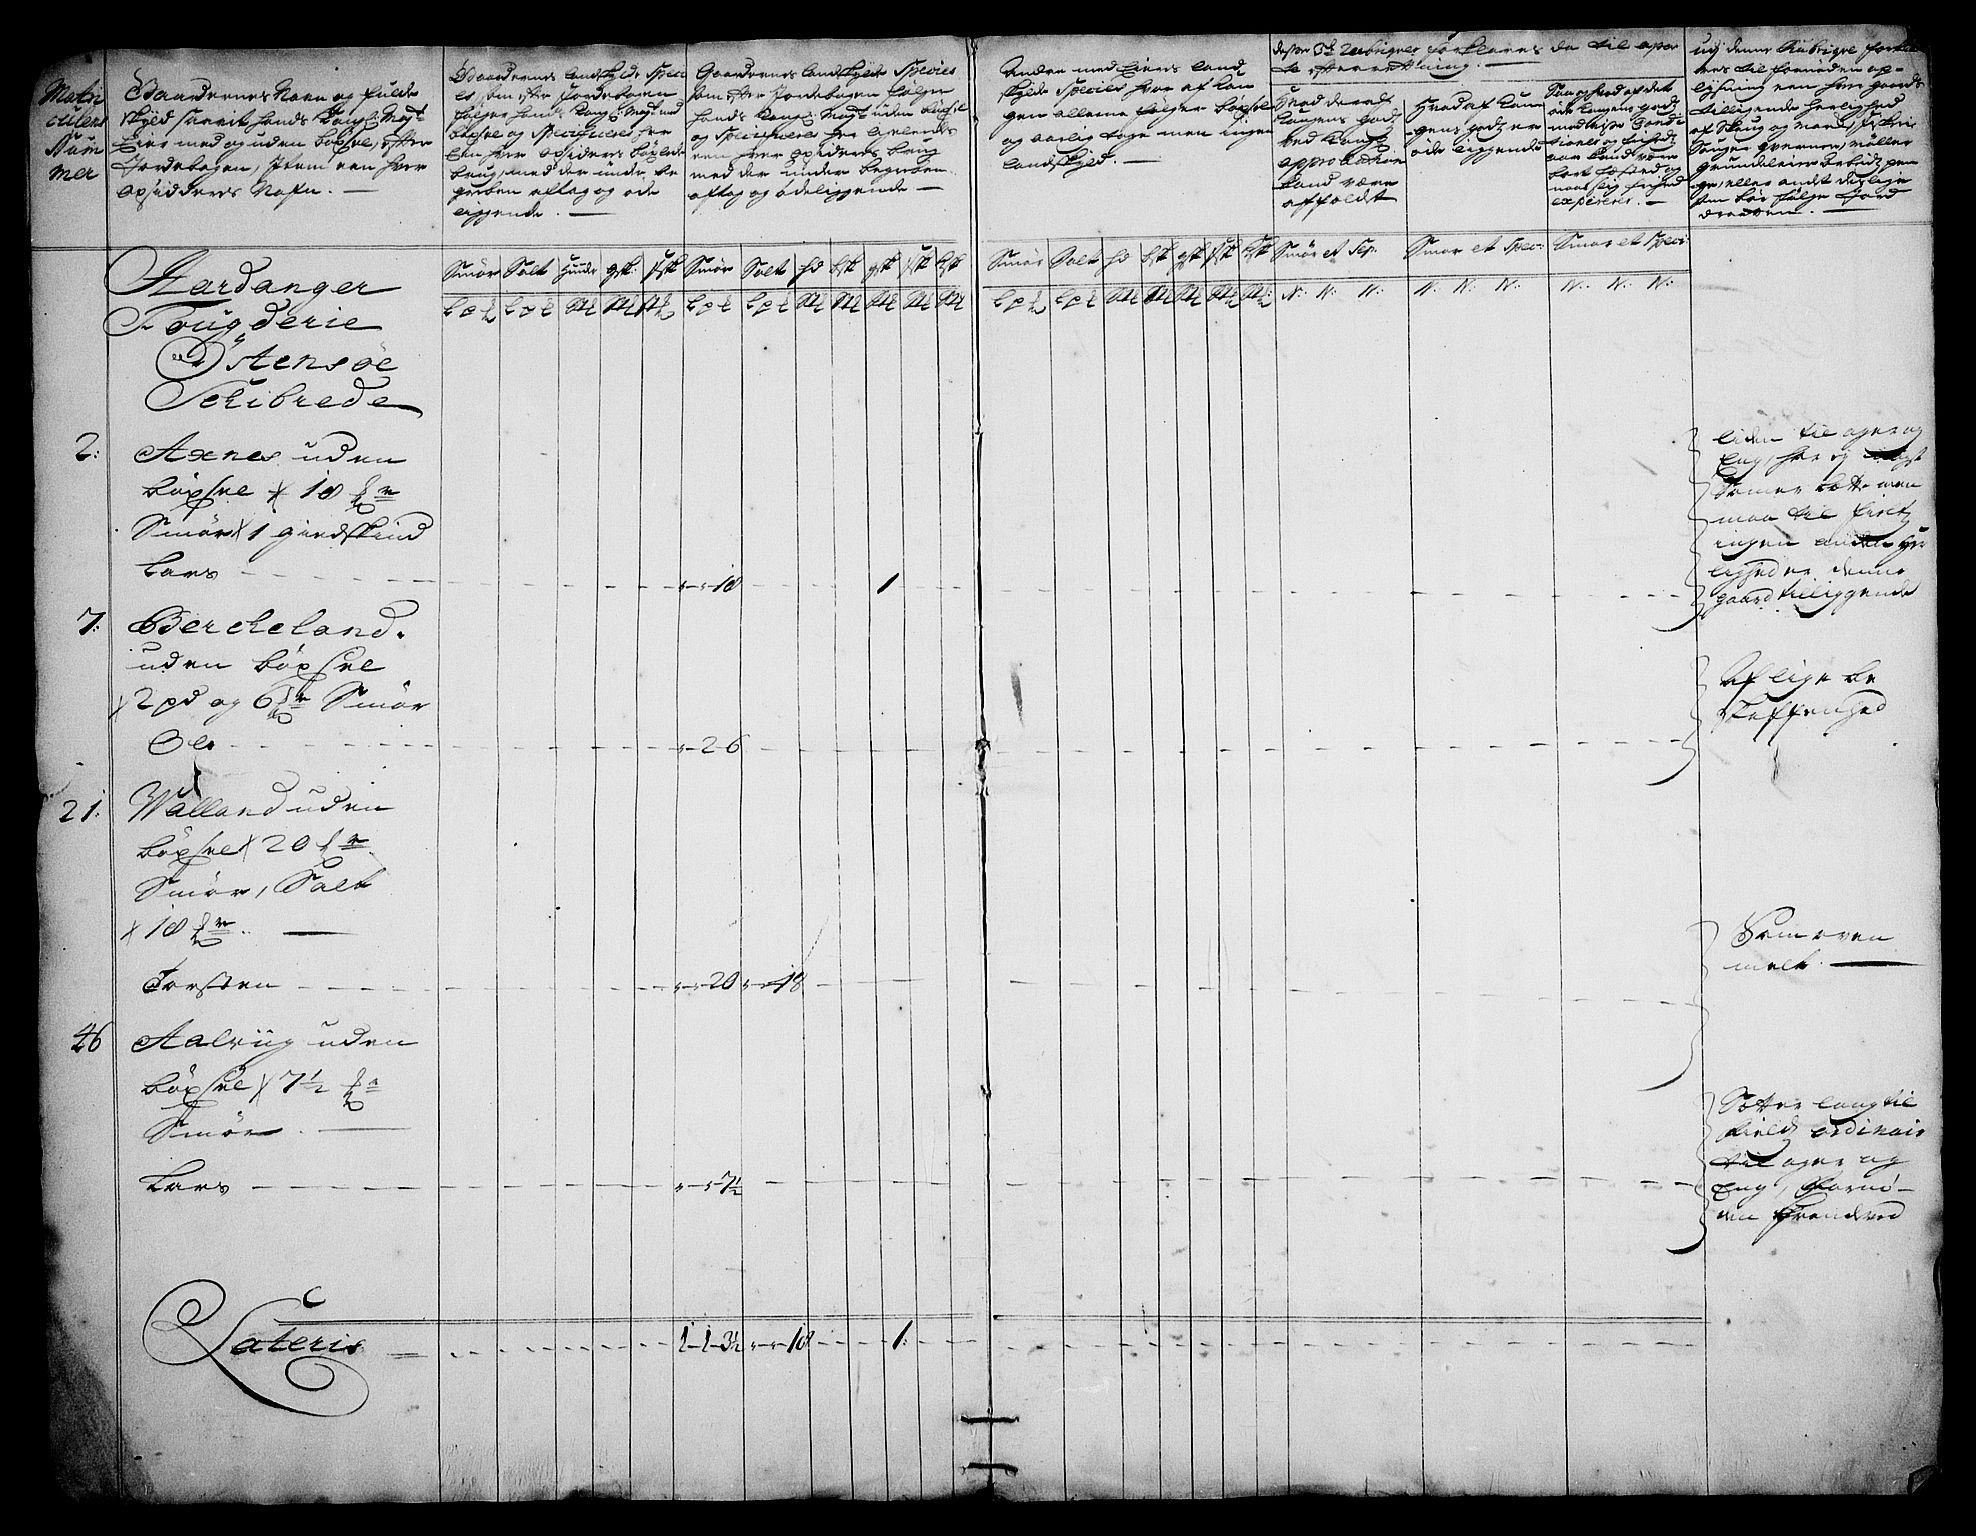 RA, Rentekammeret inntil 1814, Realistisk ordnet avdeling, On/L0003: [Jj 4]: Kommisjonsforretning over Vilhelm Hanssøns forpaktning av Halsnøy klosters gods, 1721-1729, s. 137